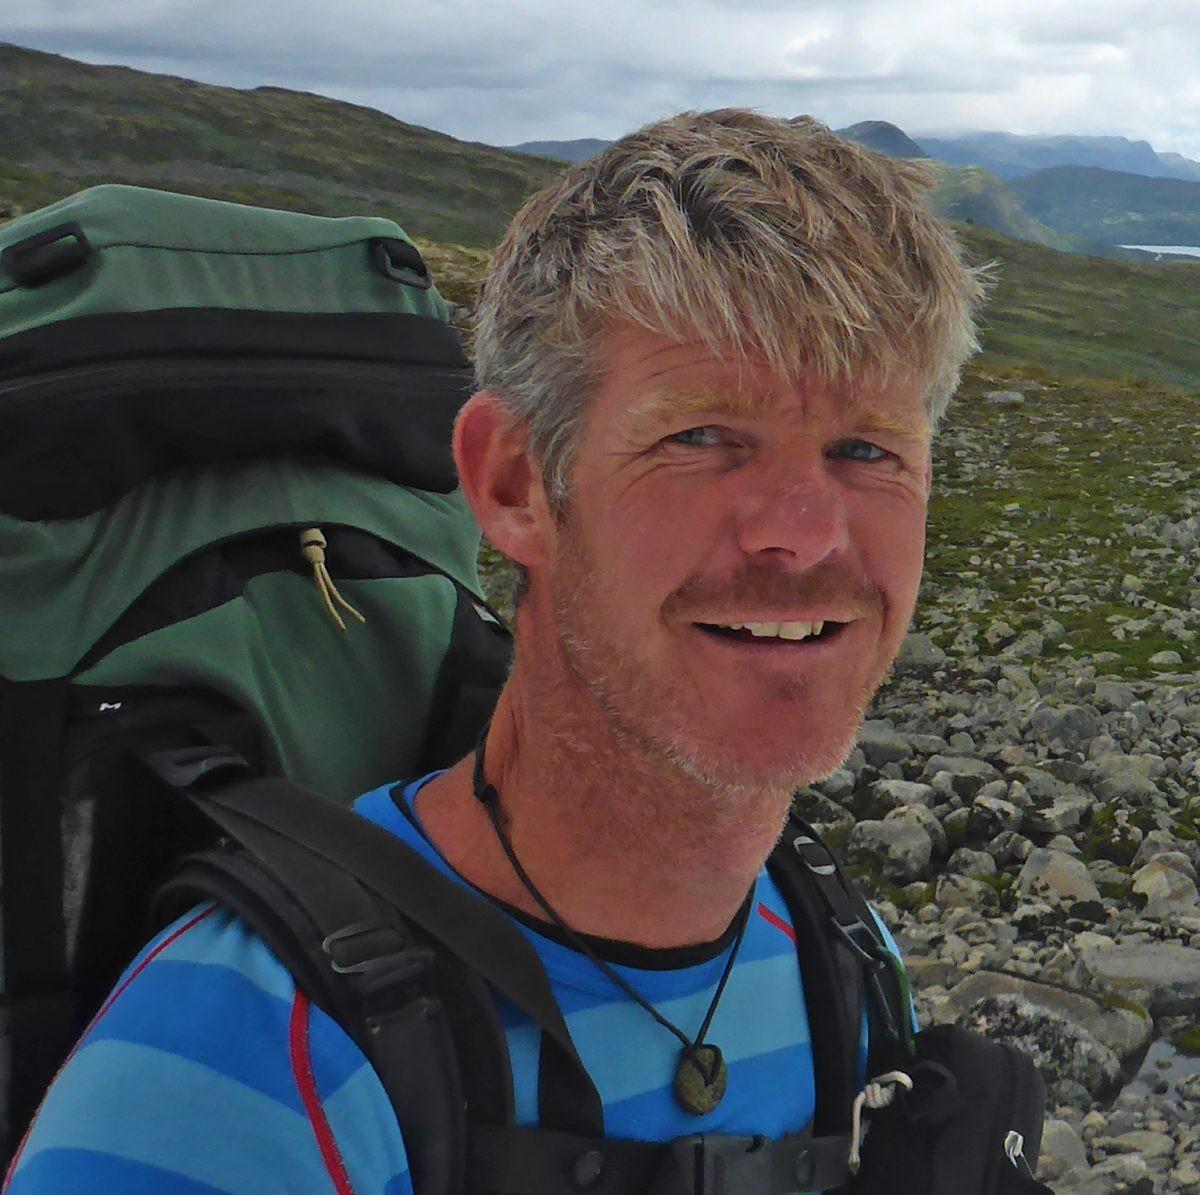 Guido Krijger tijdens zijn reis. Foto: Guido Krijger